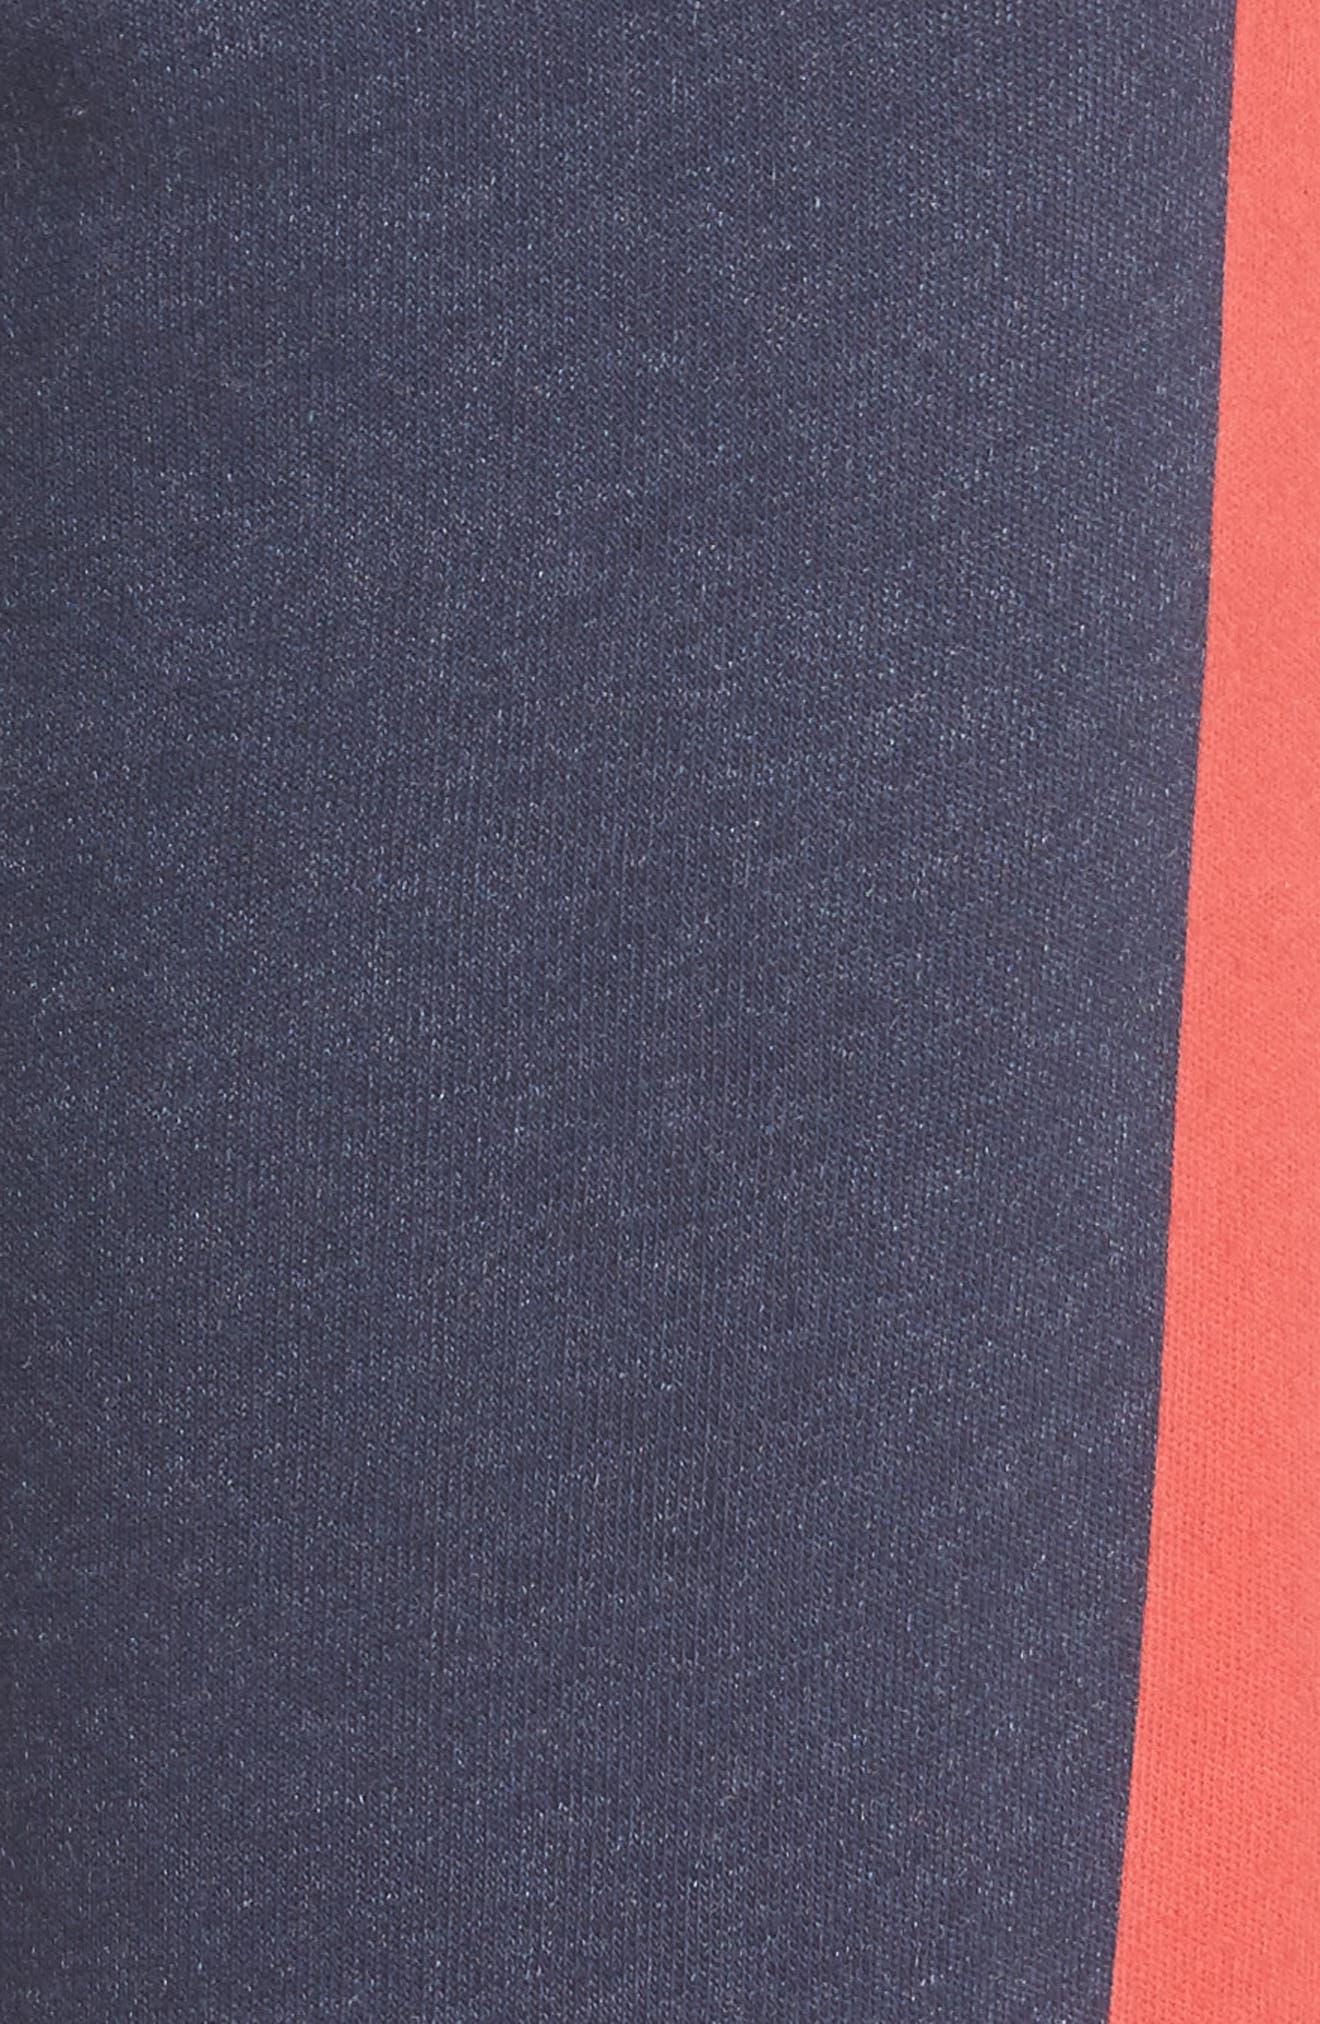 Jack Varsity Stripe Jogger Pants,                             Alternate thumbnail 6, color,                             410